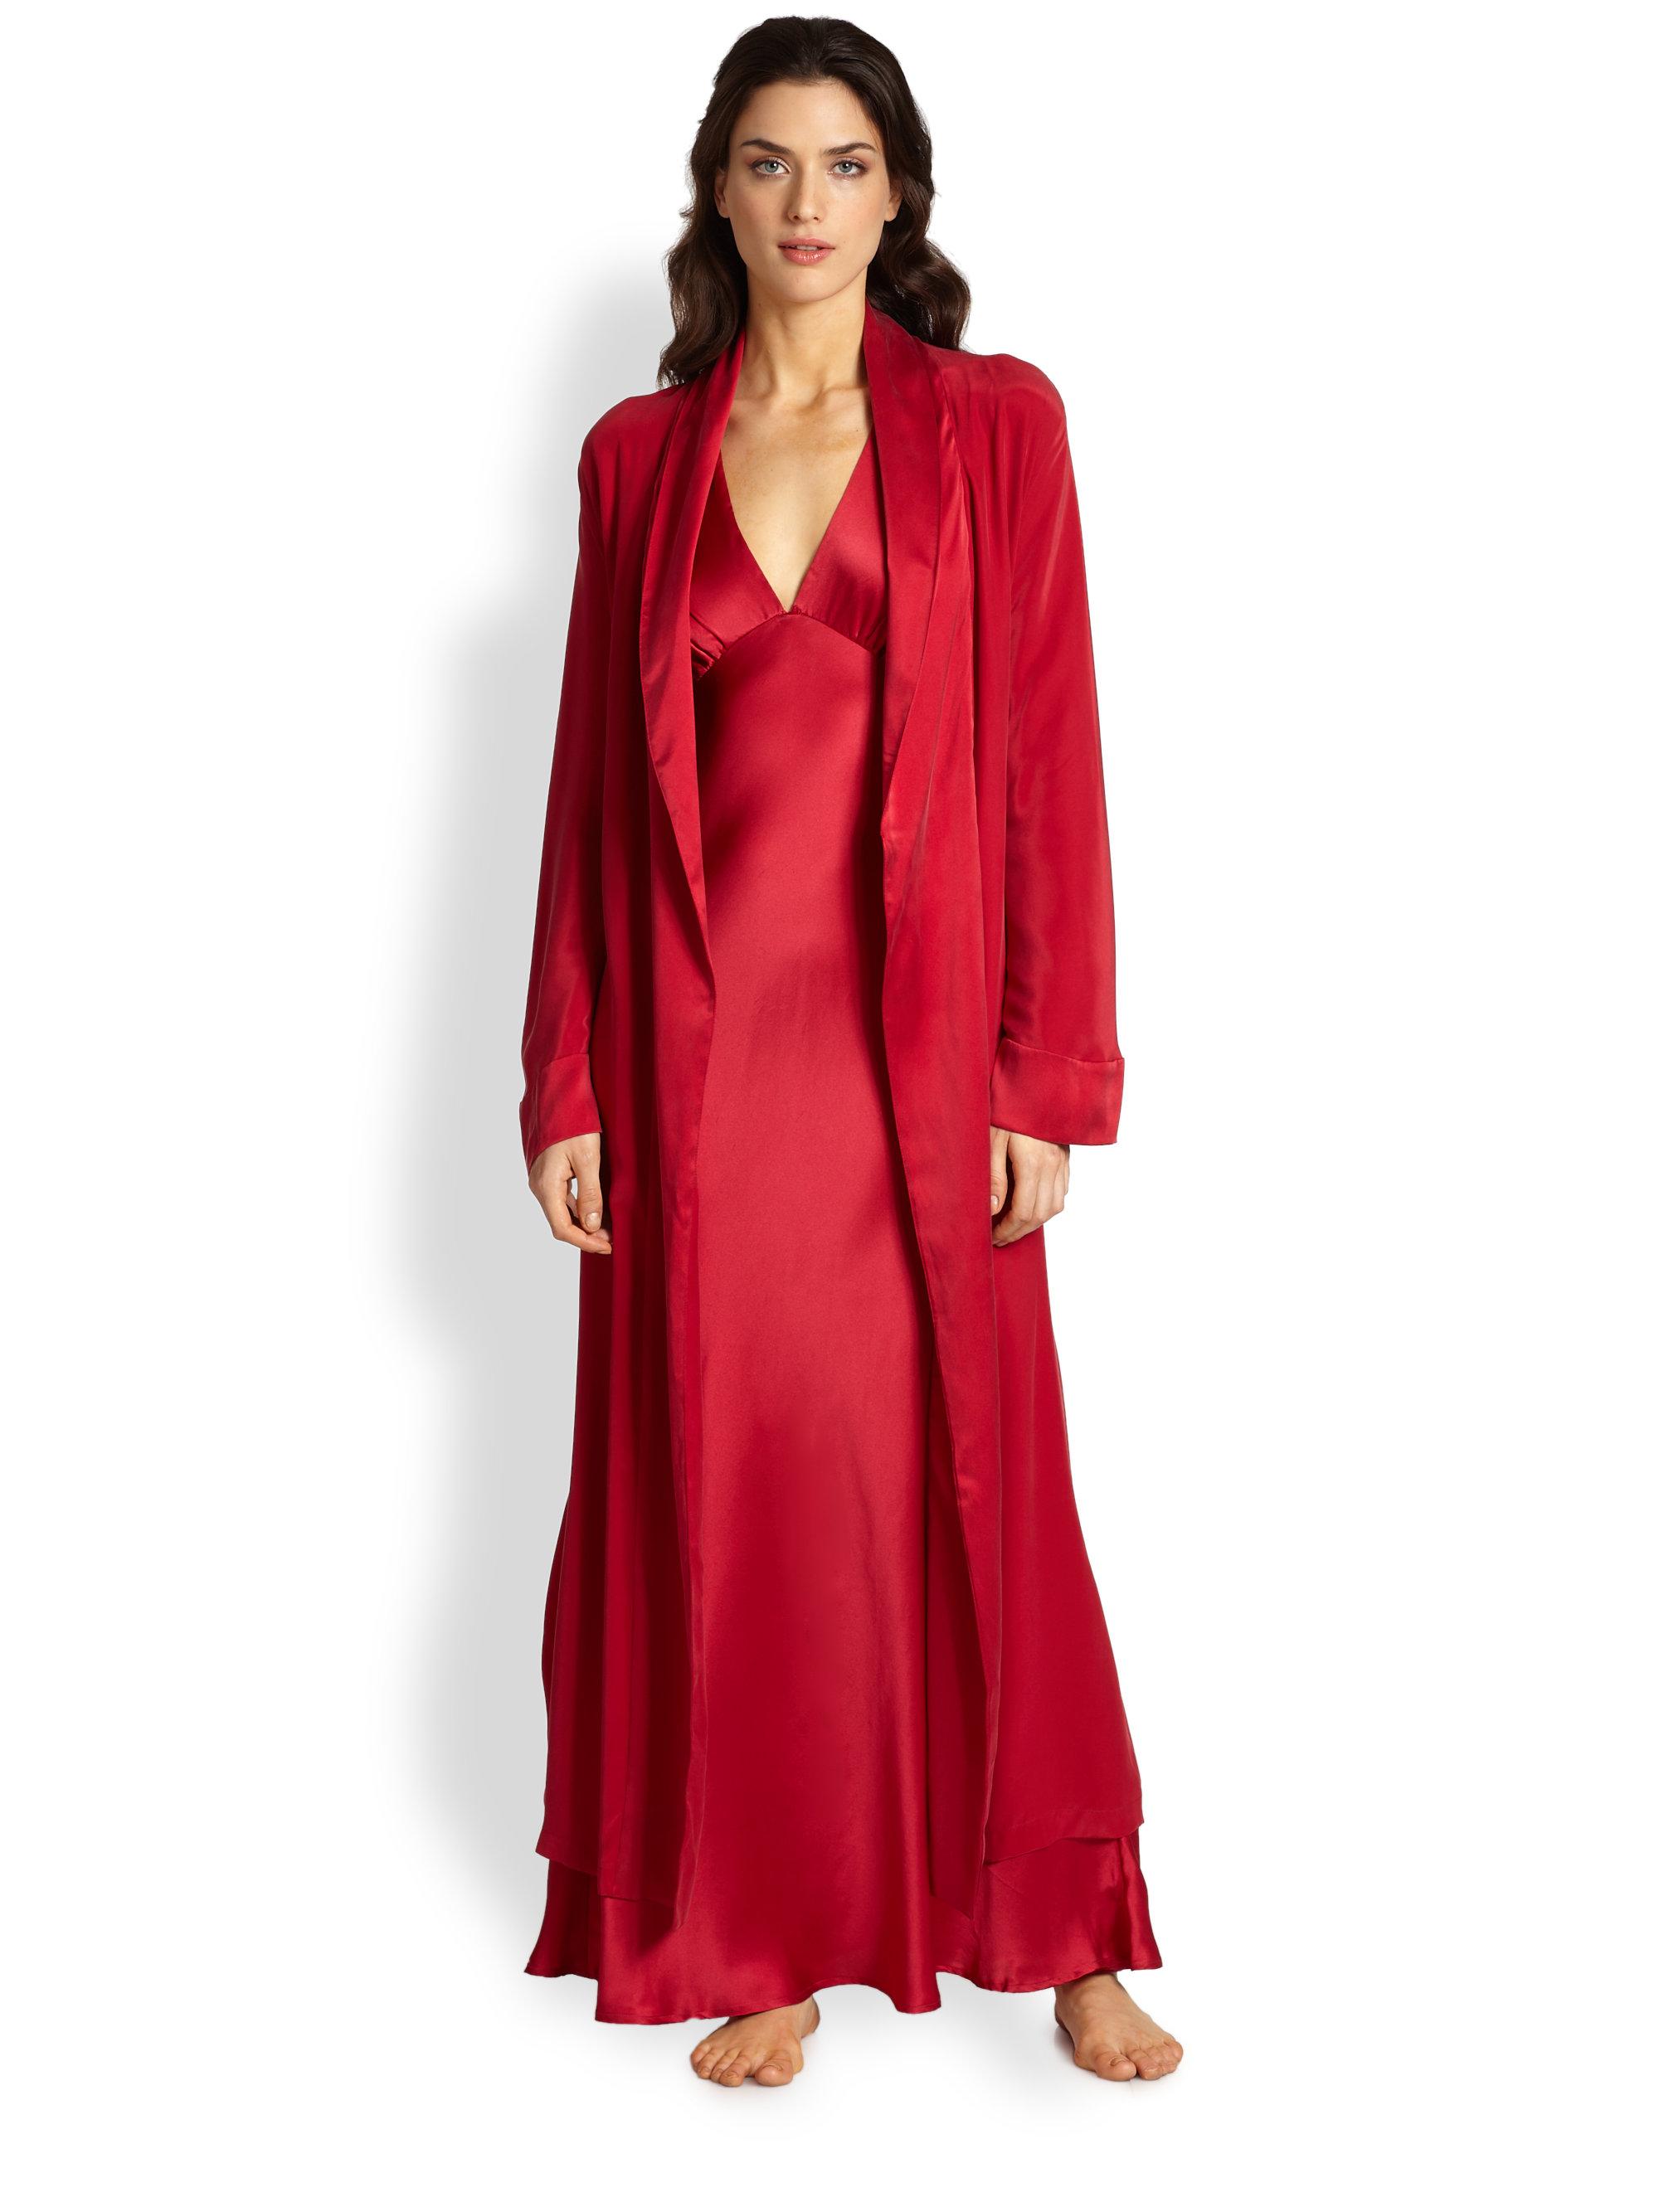 Jonquil Satin-Trimmed Velvet Long Robe in Red | Lyst |Red Silk Robe